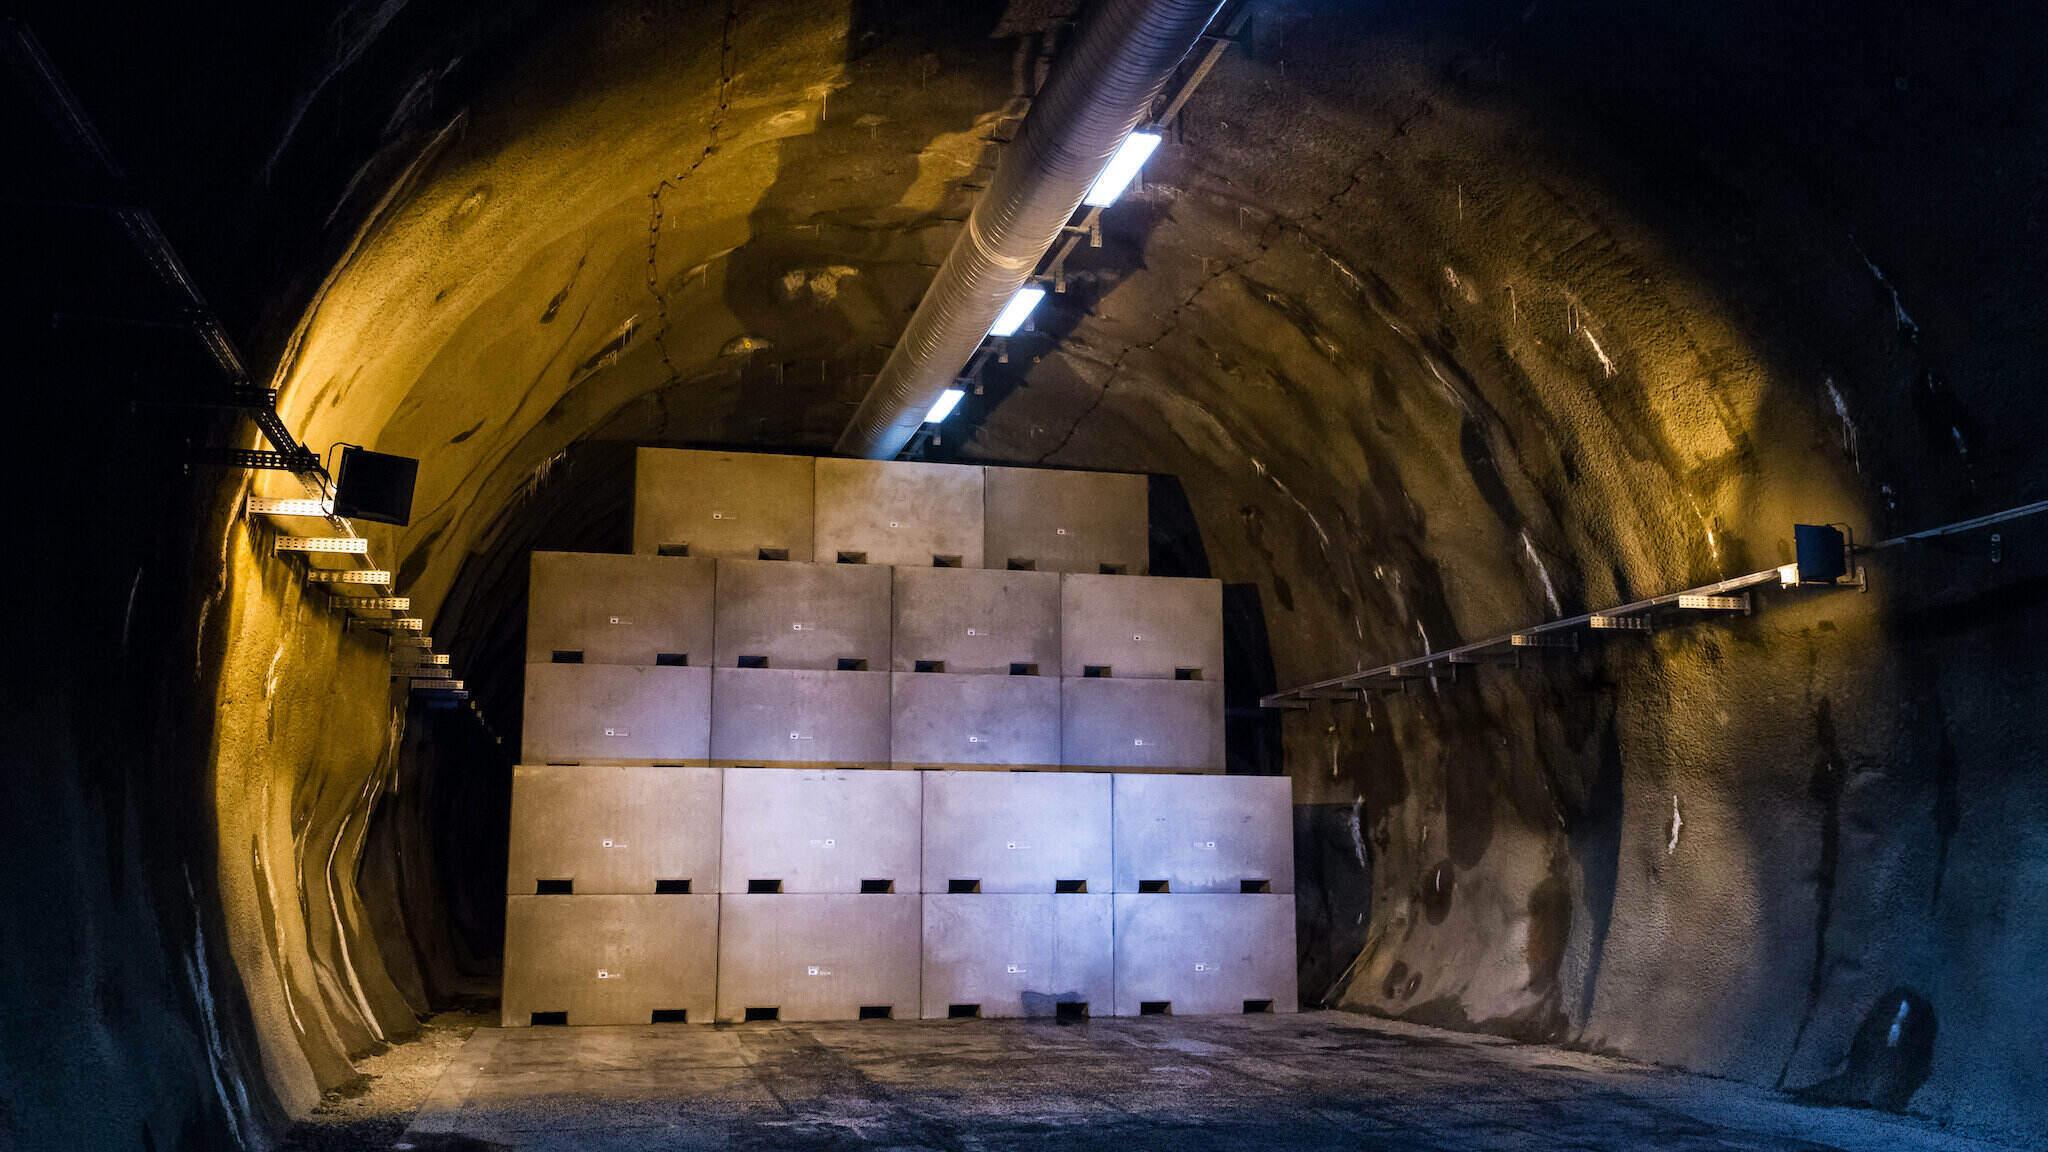 nuklearis hulladek nuclear waste storage